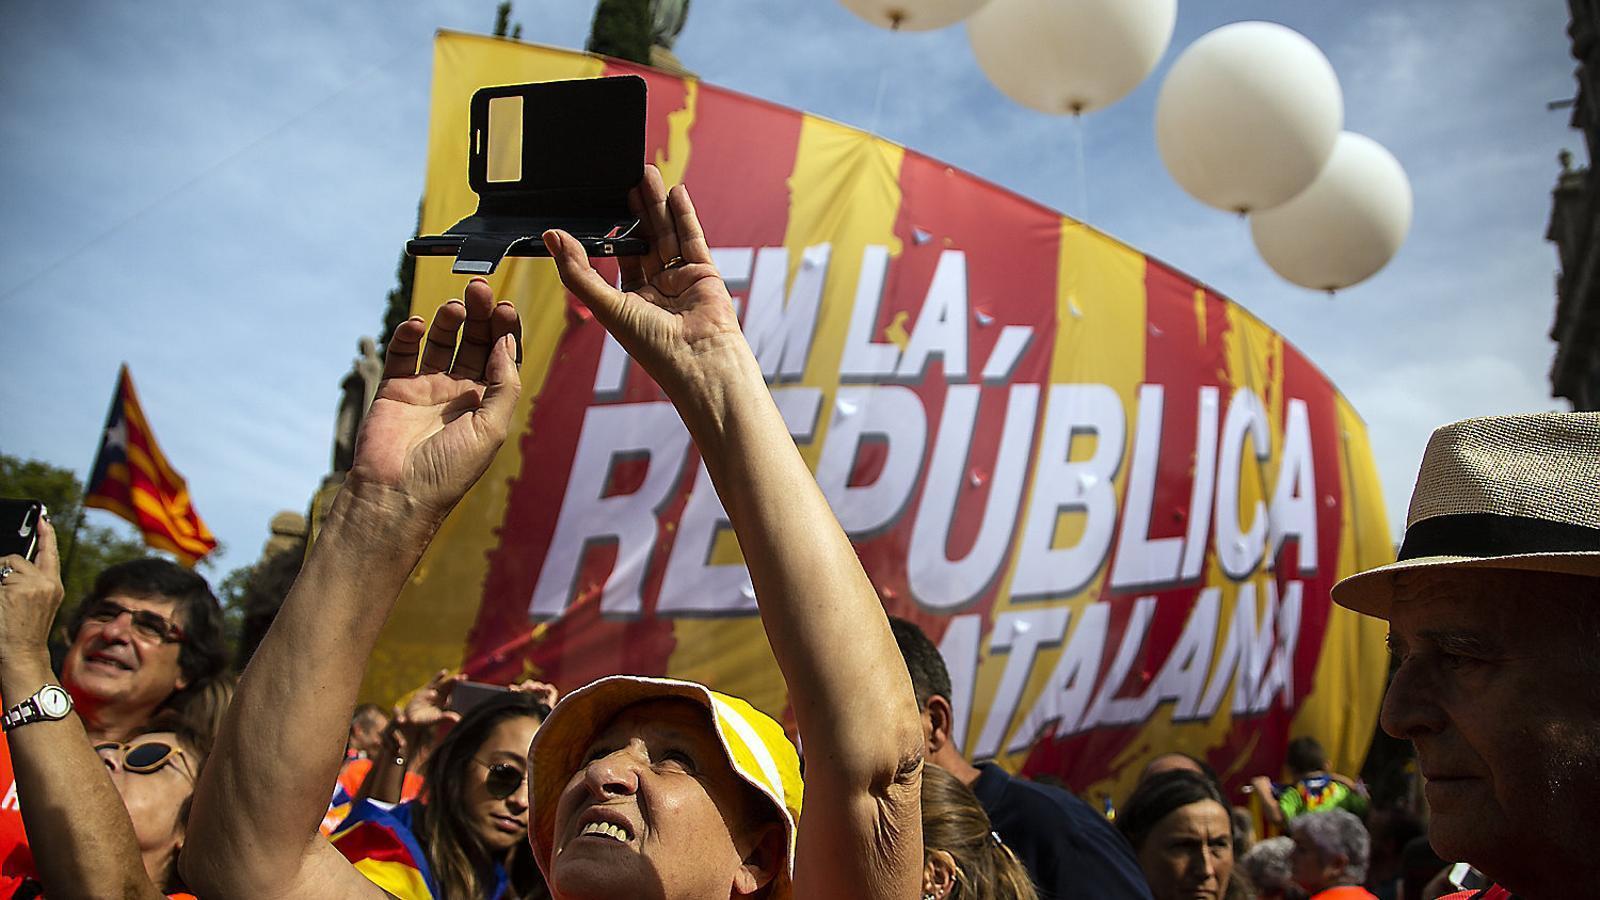 Una manifestant fent una foto durant la marxa per la República a l'avinguda Diagonal.